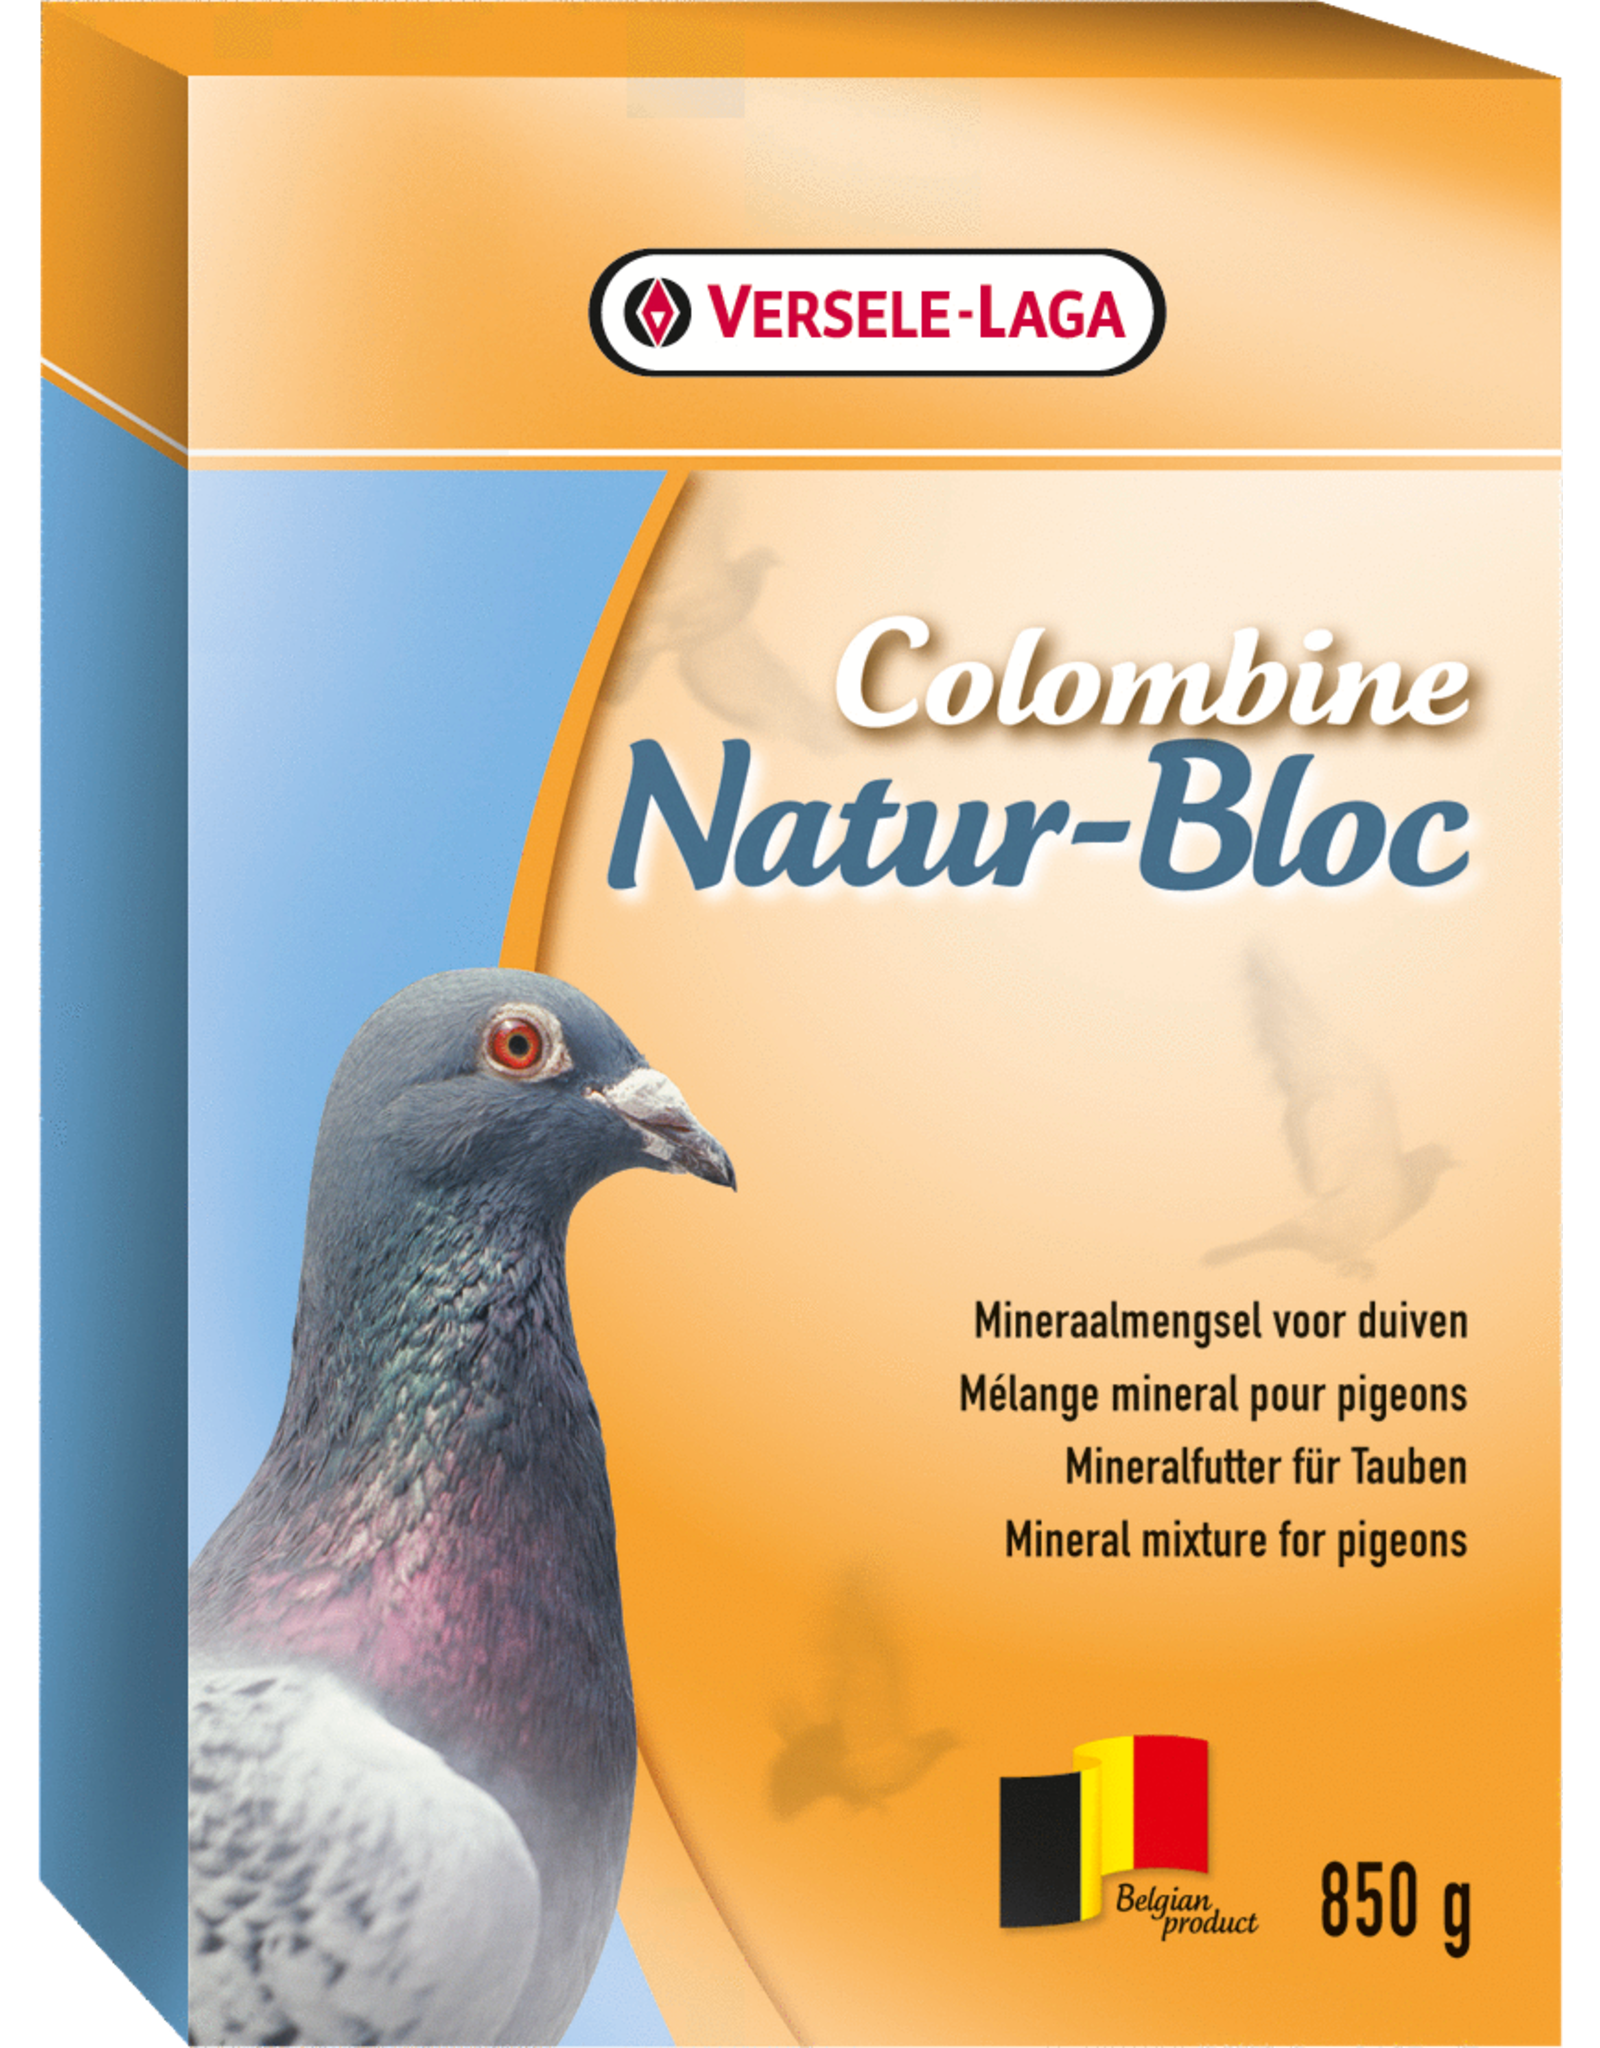 Colombine Natur-Bloc - 850 G